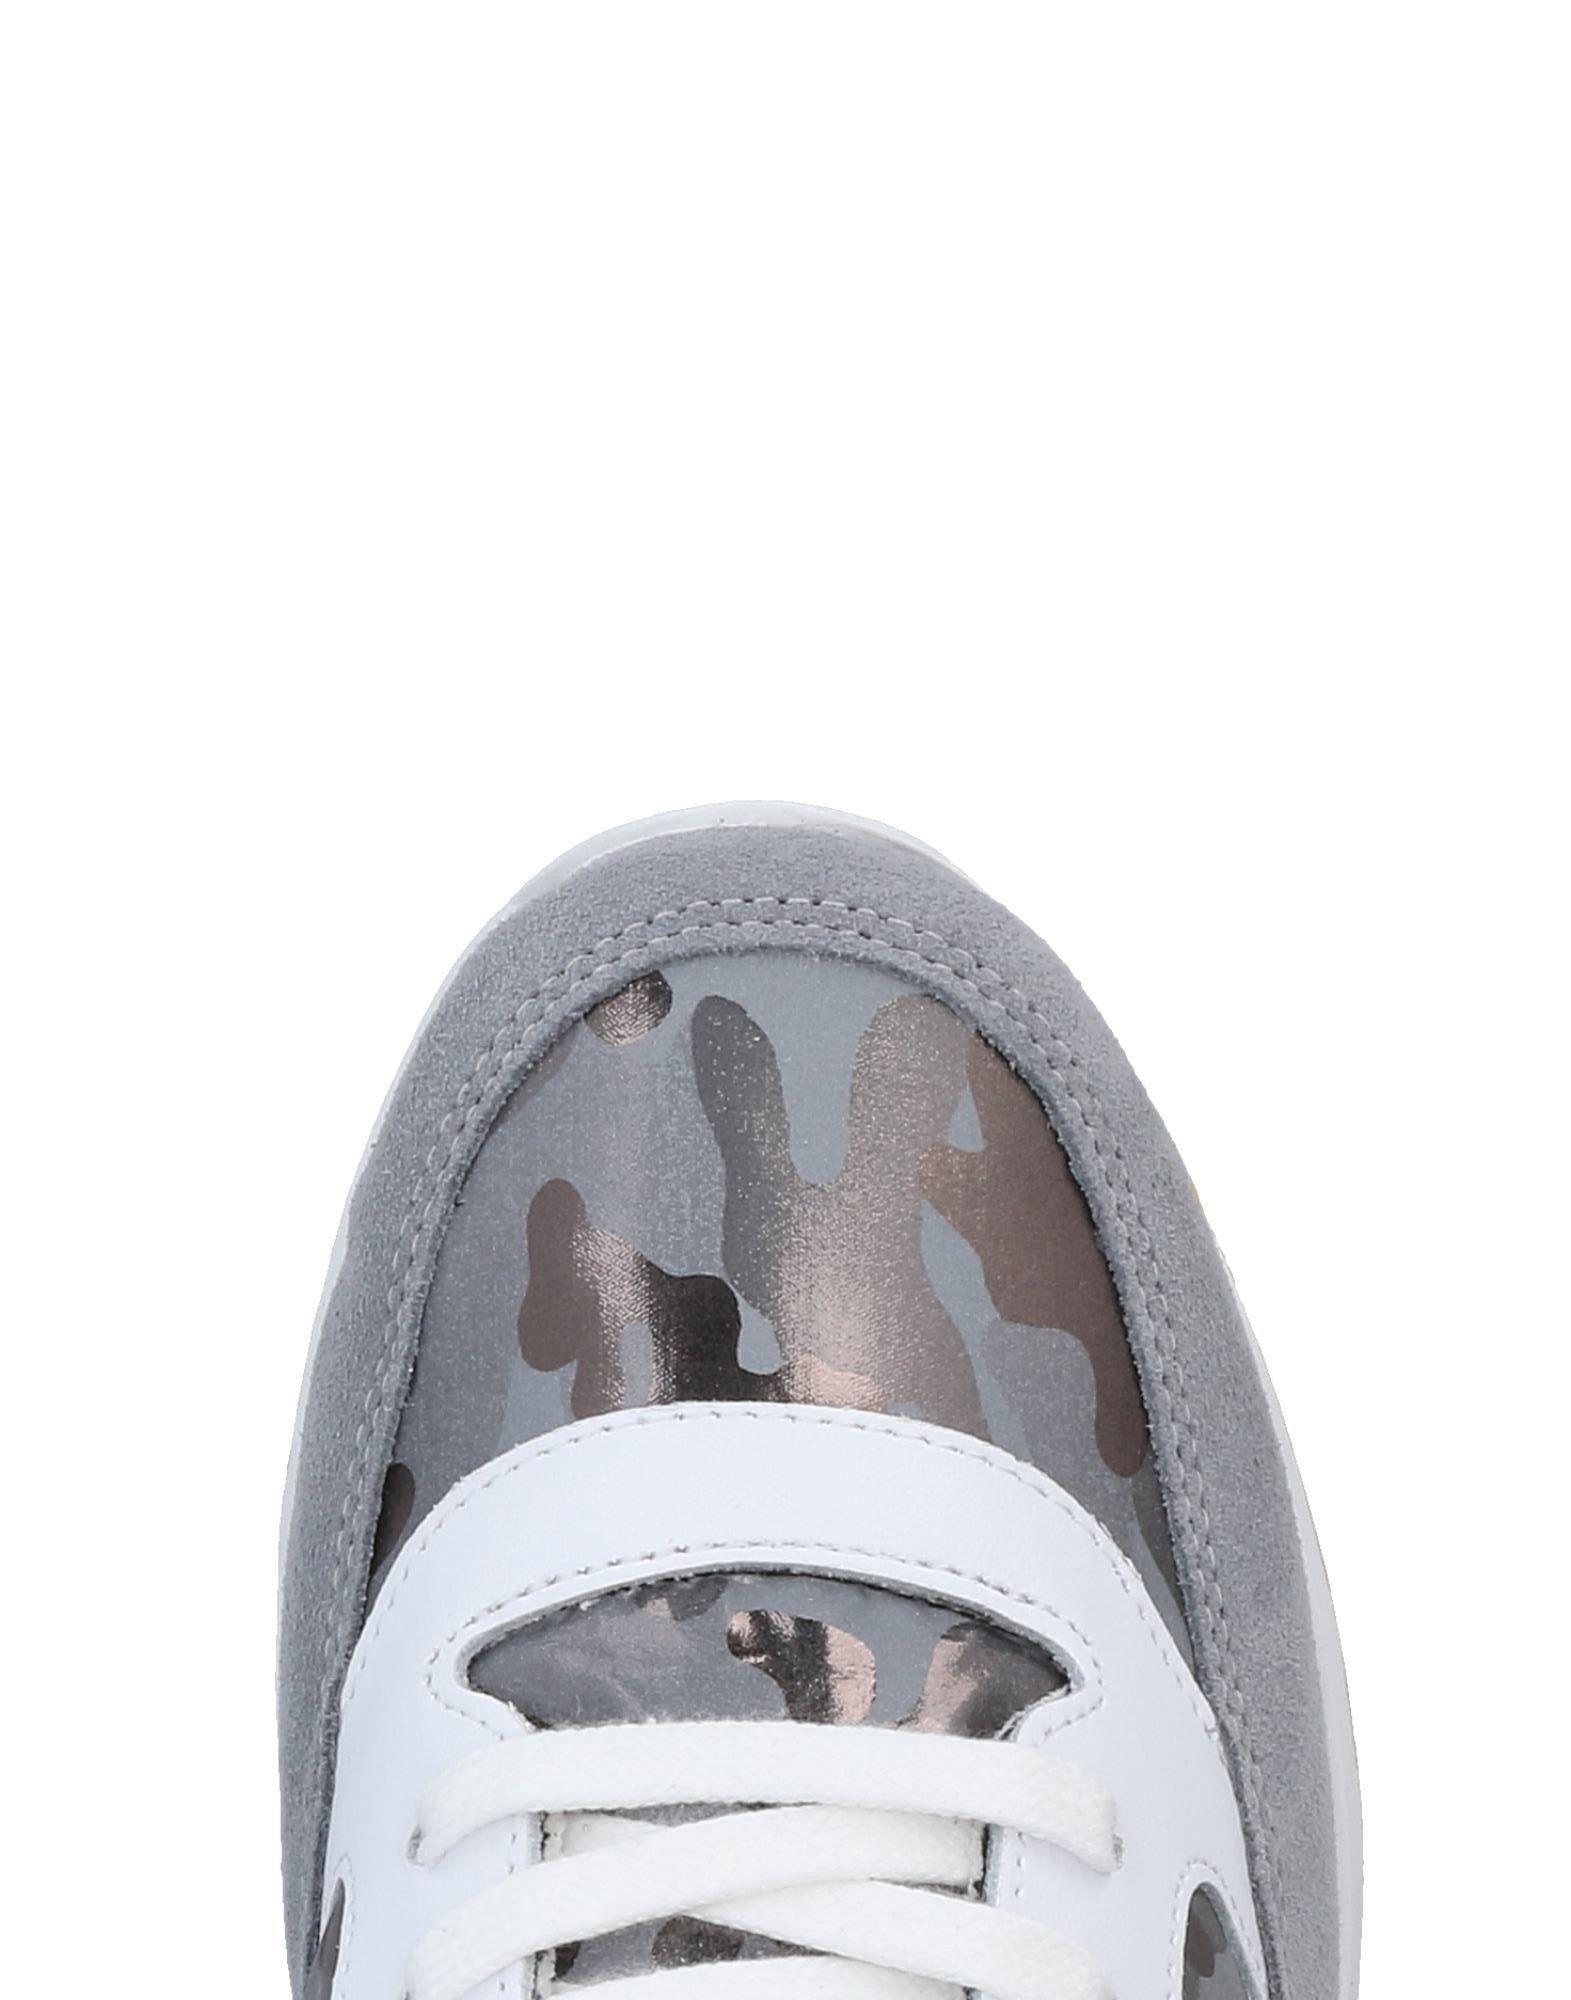 2Star Sneakers Herren Herren Sneakers  11453469GE 8a084c